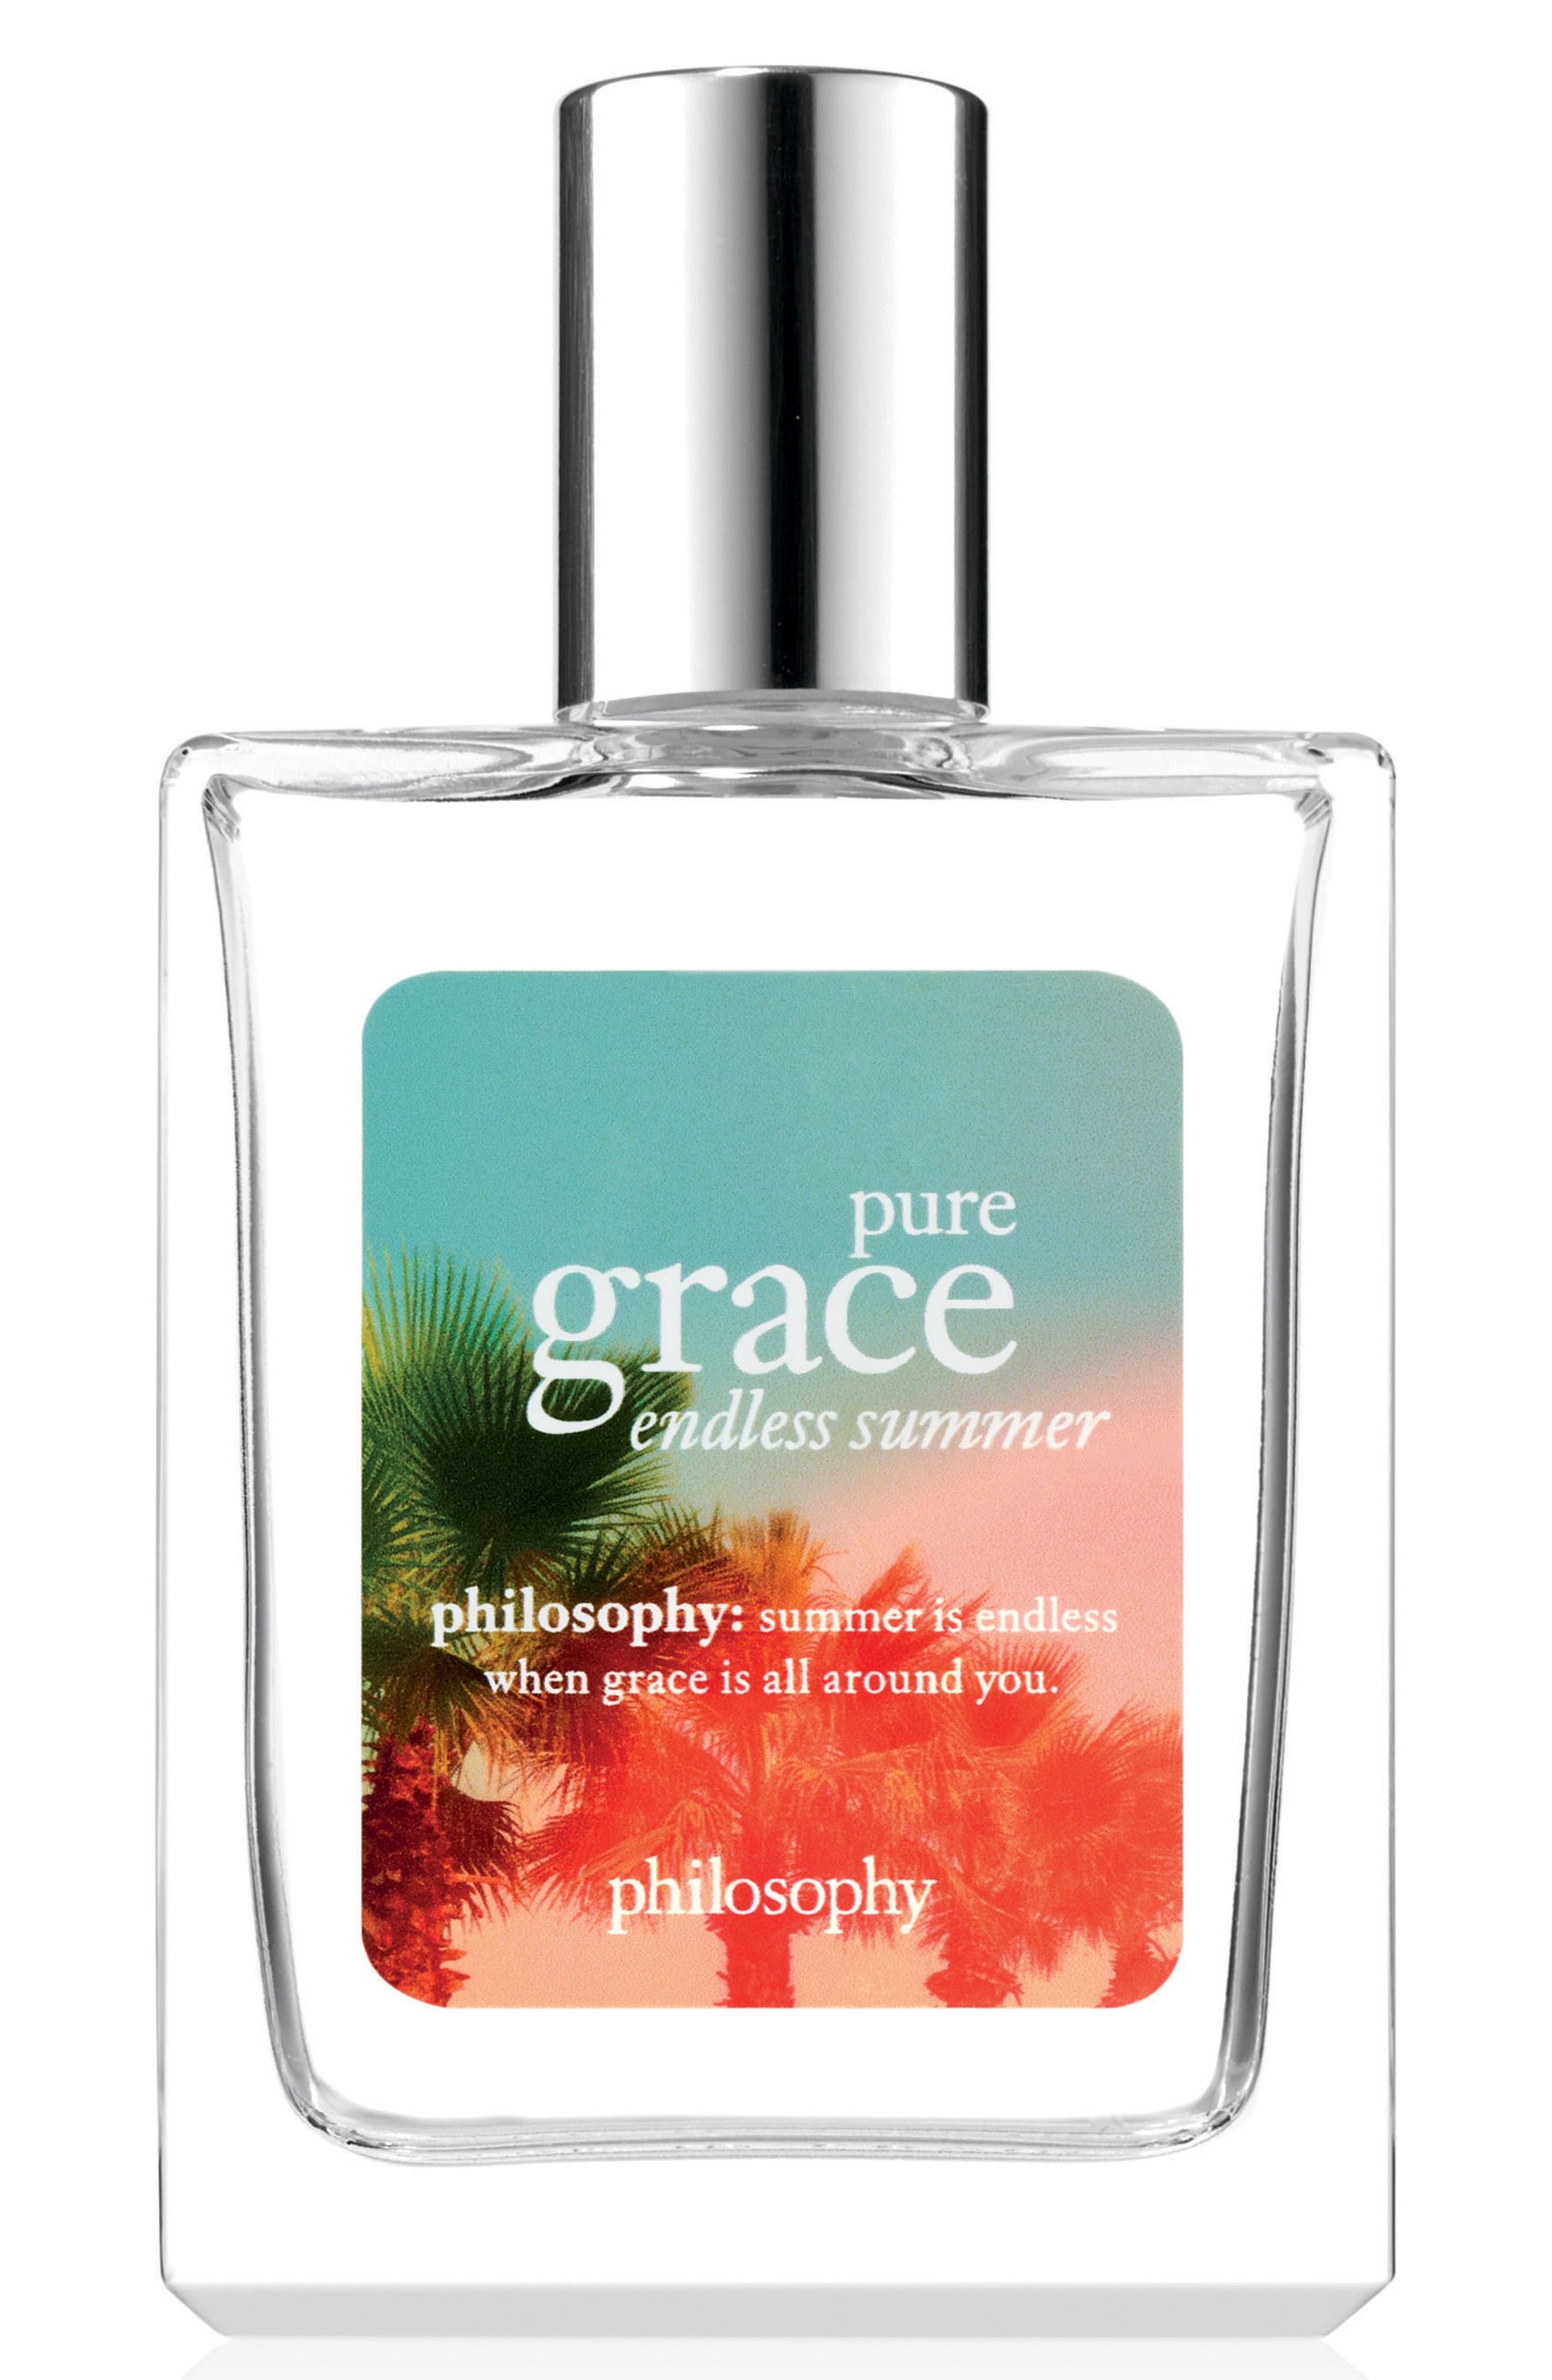 philosophy pure grace endless summer eau de toilette (Limited Edition)